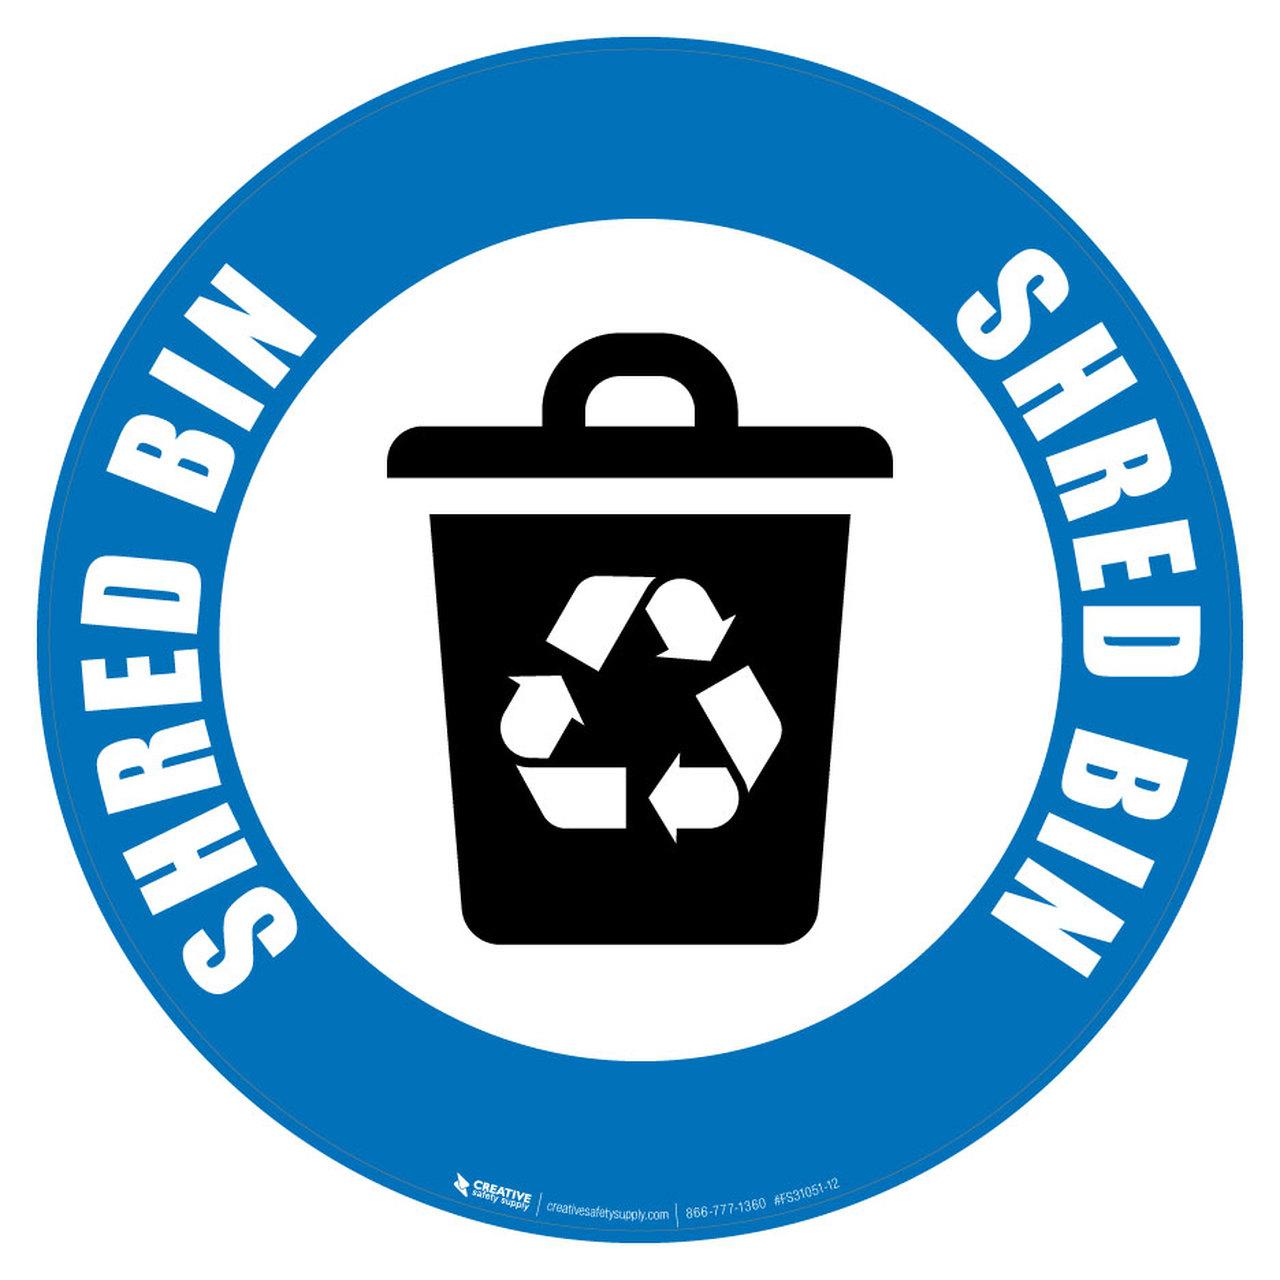 Shred Bin (Blue) Icon.